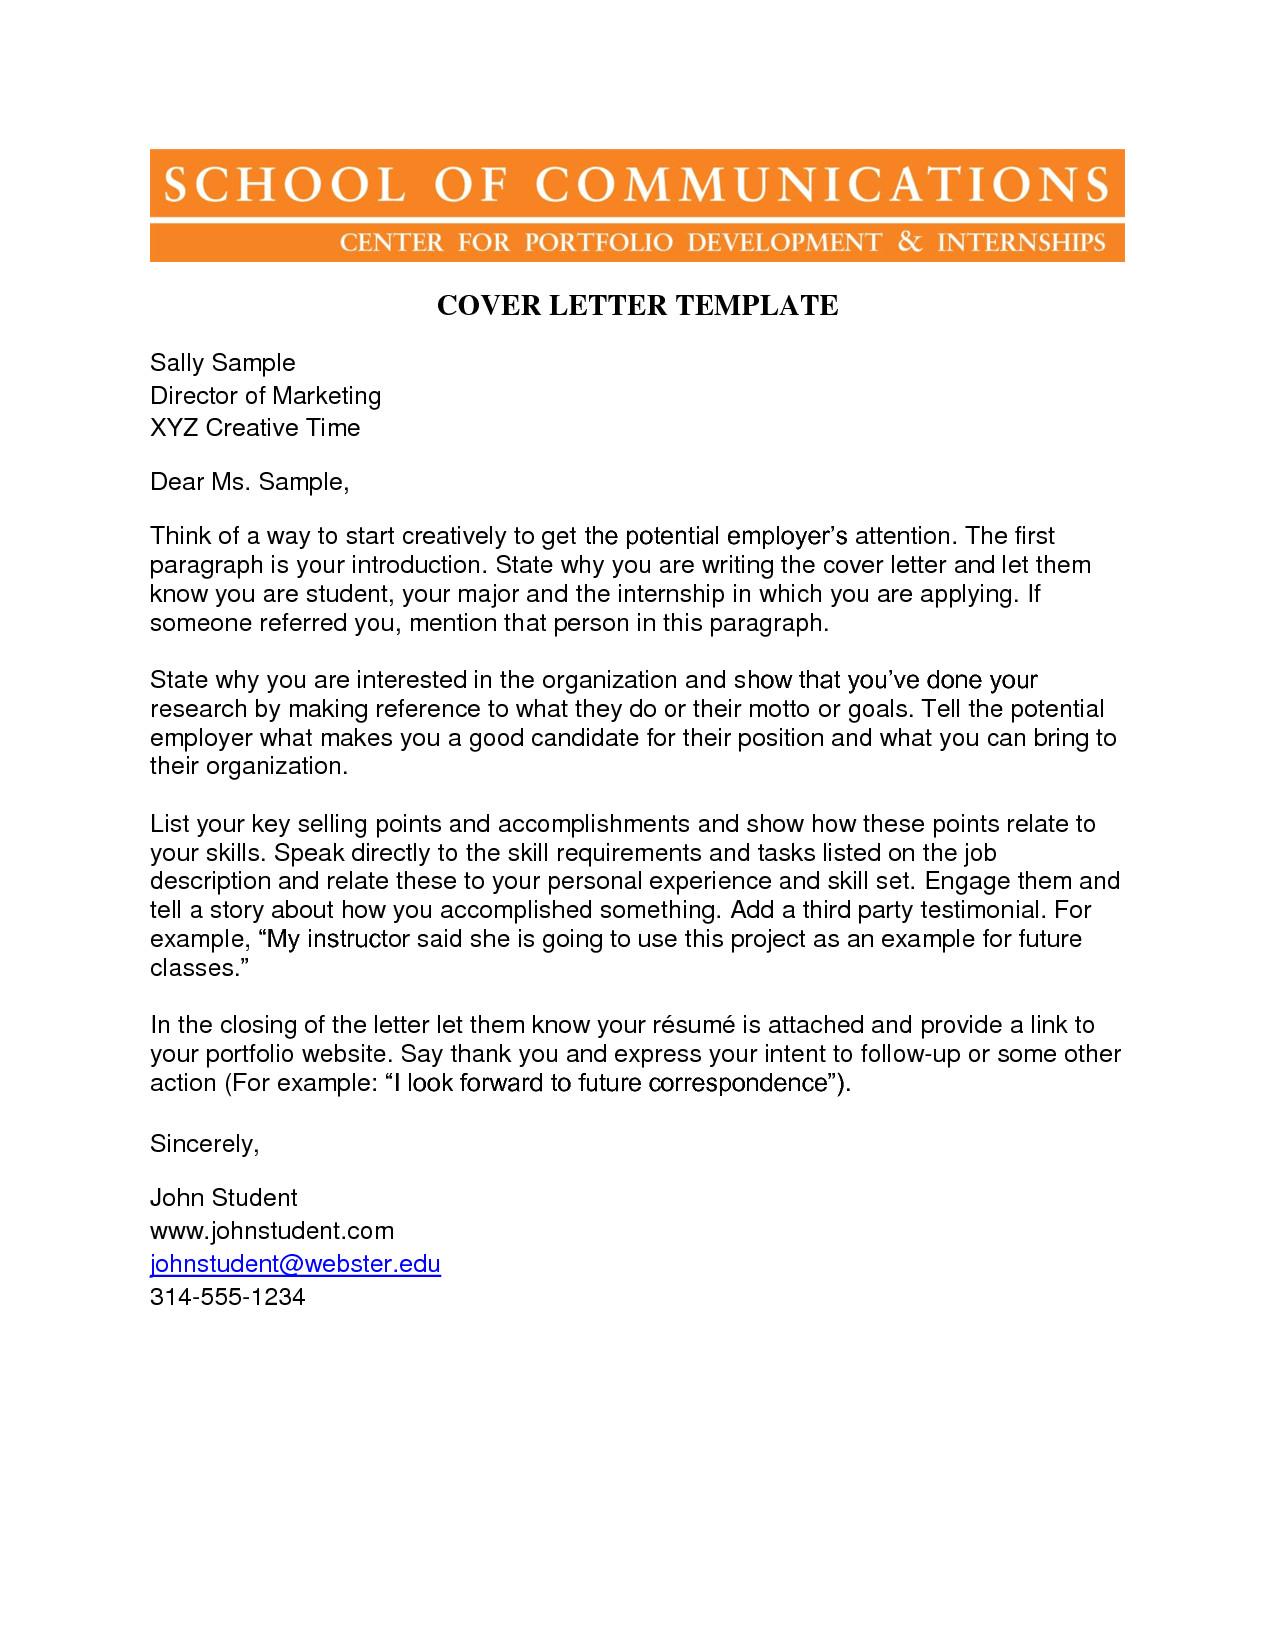 company rebrand letter template